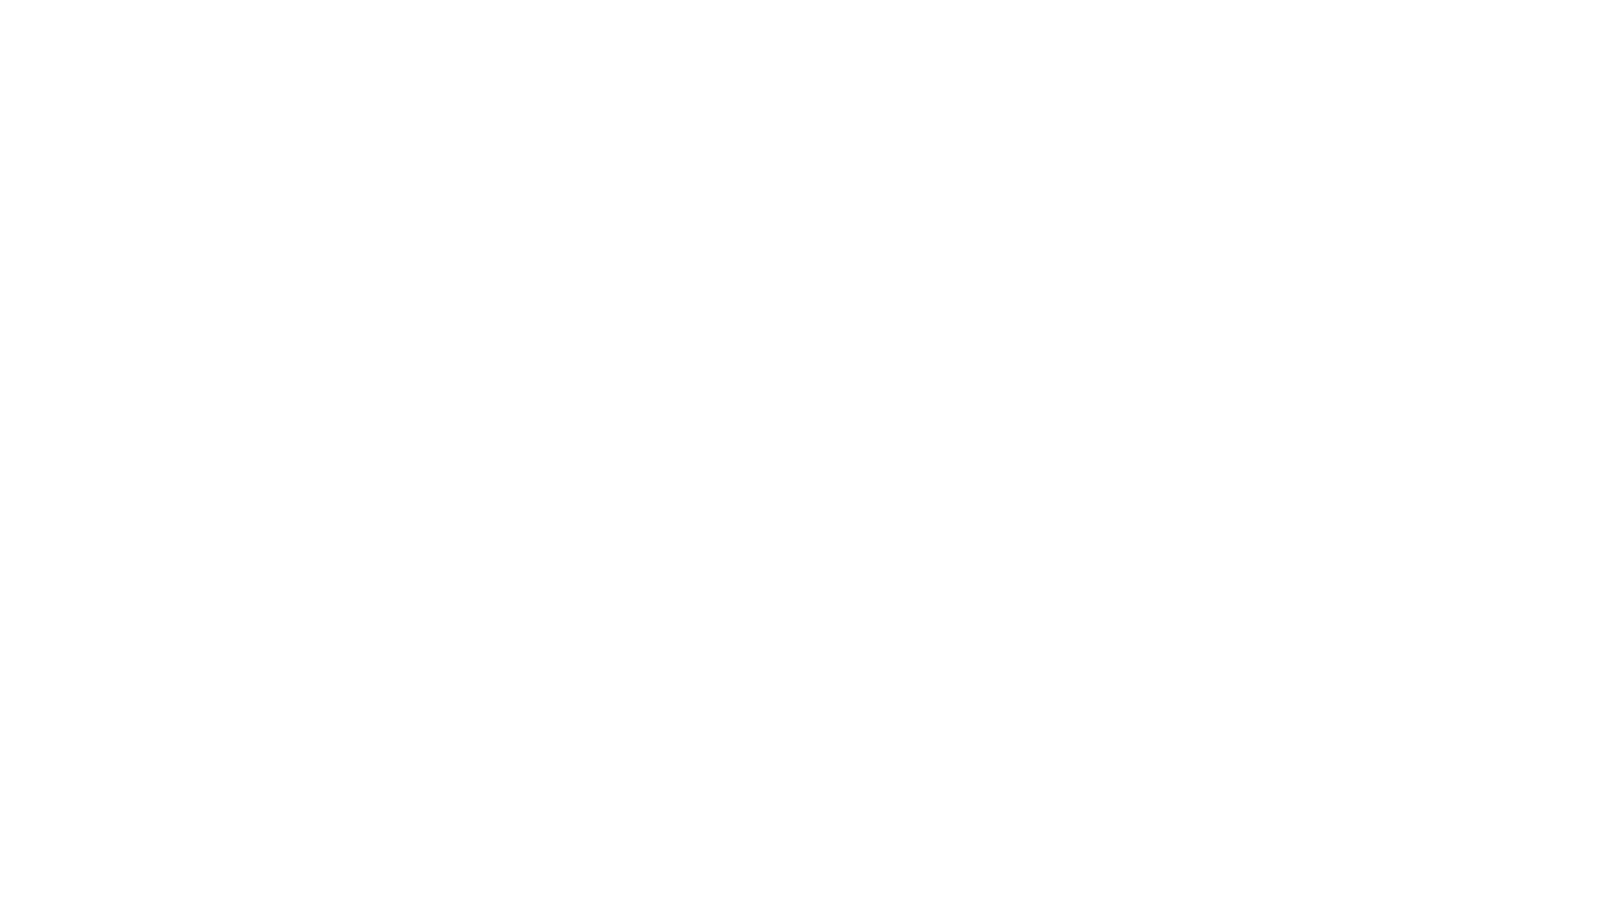 El Torneo Oficial de Recball más importante, se pone en marcha en 2015! La Asociación Argentina de Paintball presenta en convenio con 4 Campos Sede: Revolution, Mandinga, Triple X y Area 51 donde decenas de jugadores de Recball Deportivo compiten por un lugar en el Podio.  Presentamos un breve resumen de la Jornada, en VideoSpot de la mano de Videodreams Paintball Media.   Video Full HD 1080 30p Cámaras: Sebastián Galeano y Hernán Gomez Música: Lookas - Samurai [Bass Boosted] Edición: Videodreams Argentina para la Asociación Argentina de Paintball.  Edit: Video editado y actualizado para cumplir con los requerimientos actuales de Youtube.  Copyright © 2004 / 2021 | Asociación Argentina de Paintball |  Sitio web Oficial: https://www.aapaintball.com.ar  Seguinos en Facebook: http://www.facebook.com/aapaintball  Seguinos en Instagram: https://www.instagram.com/asociacionargentinapaintball  Seguinos en Twitter: http://twitter.com/aapaintball  Audios en SoundCloud: https://soundcloud.com/aapaintball